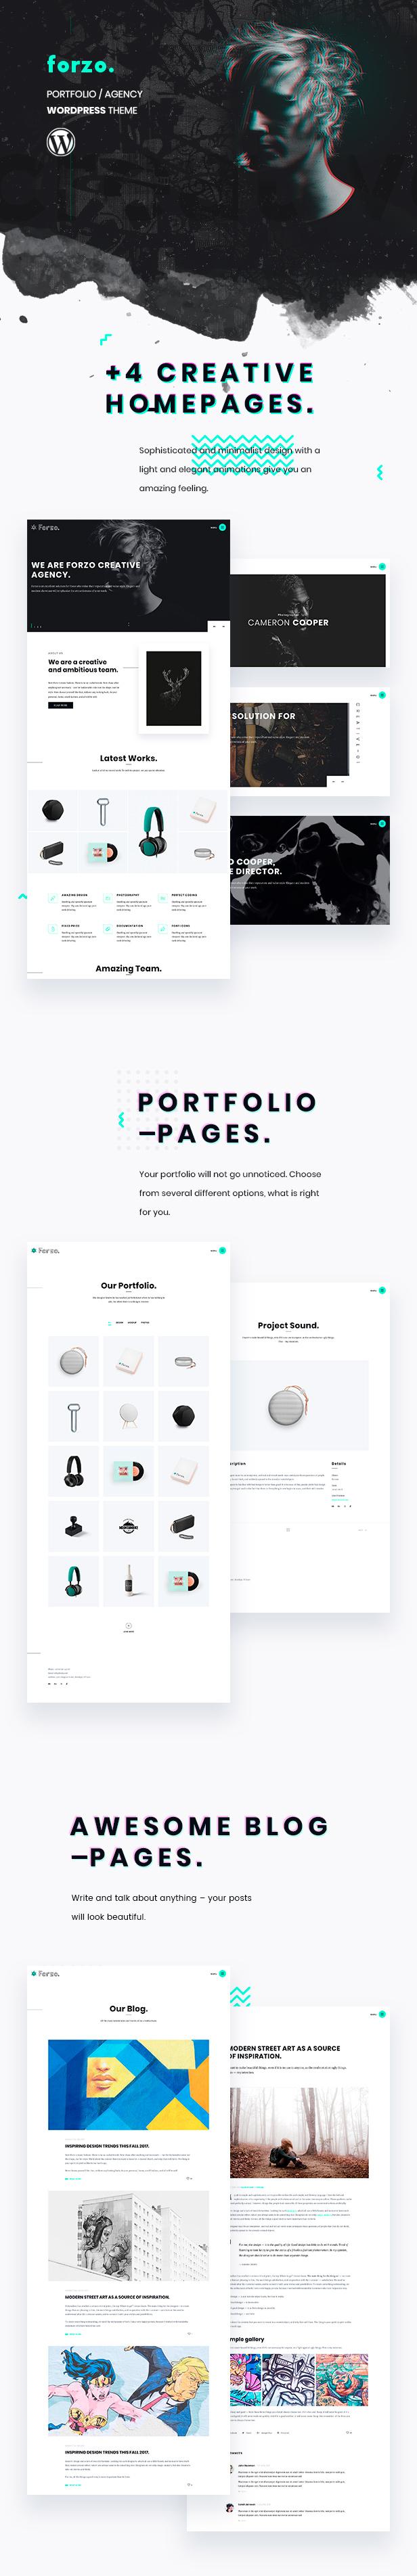 Forzo | Agency/Portfolio Theme - 3